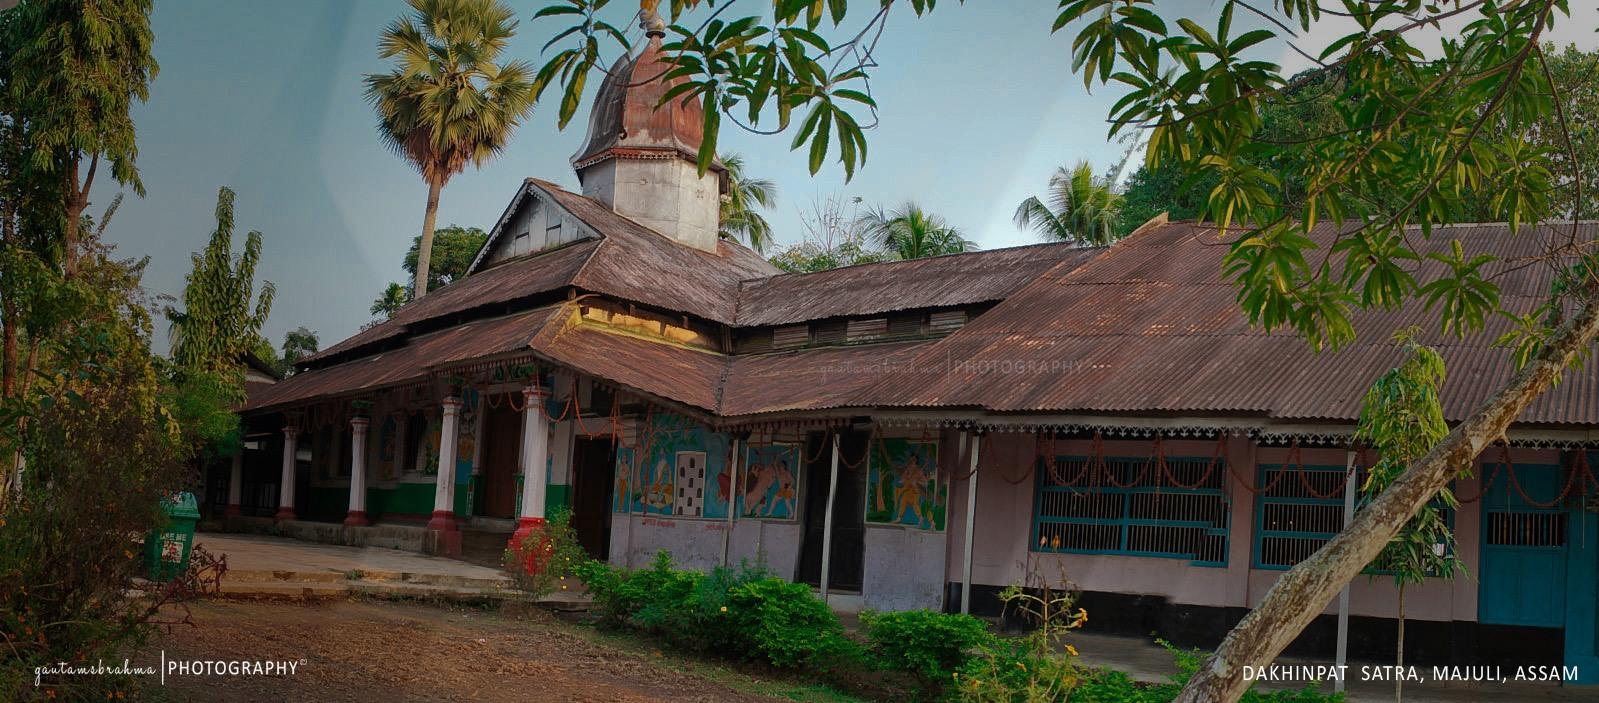 Dakhinpat Satra, Majuli, Assam